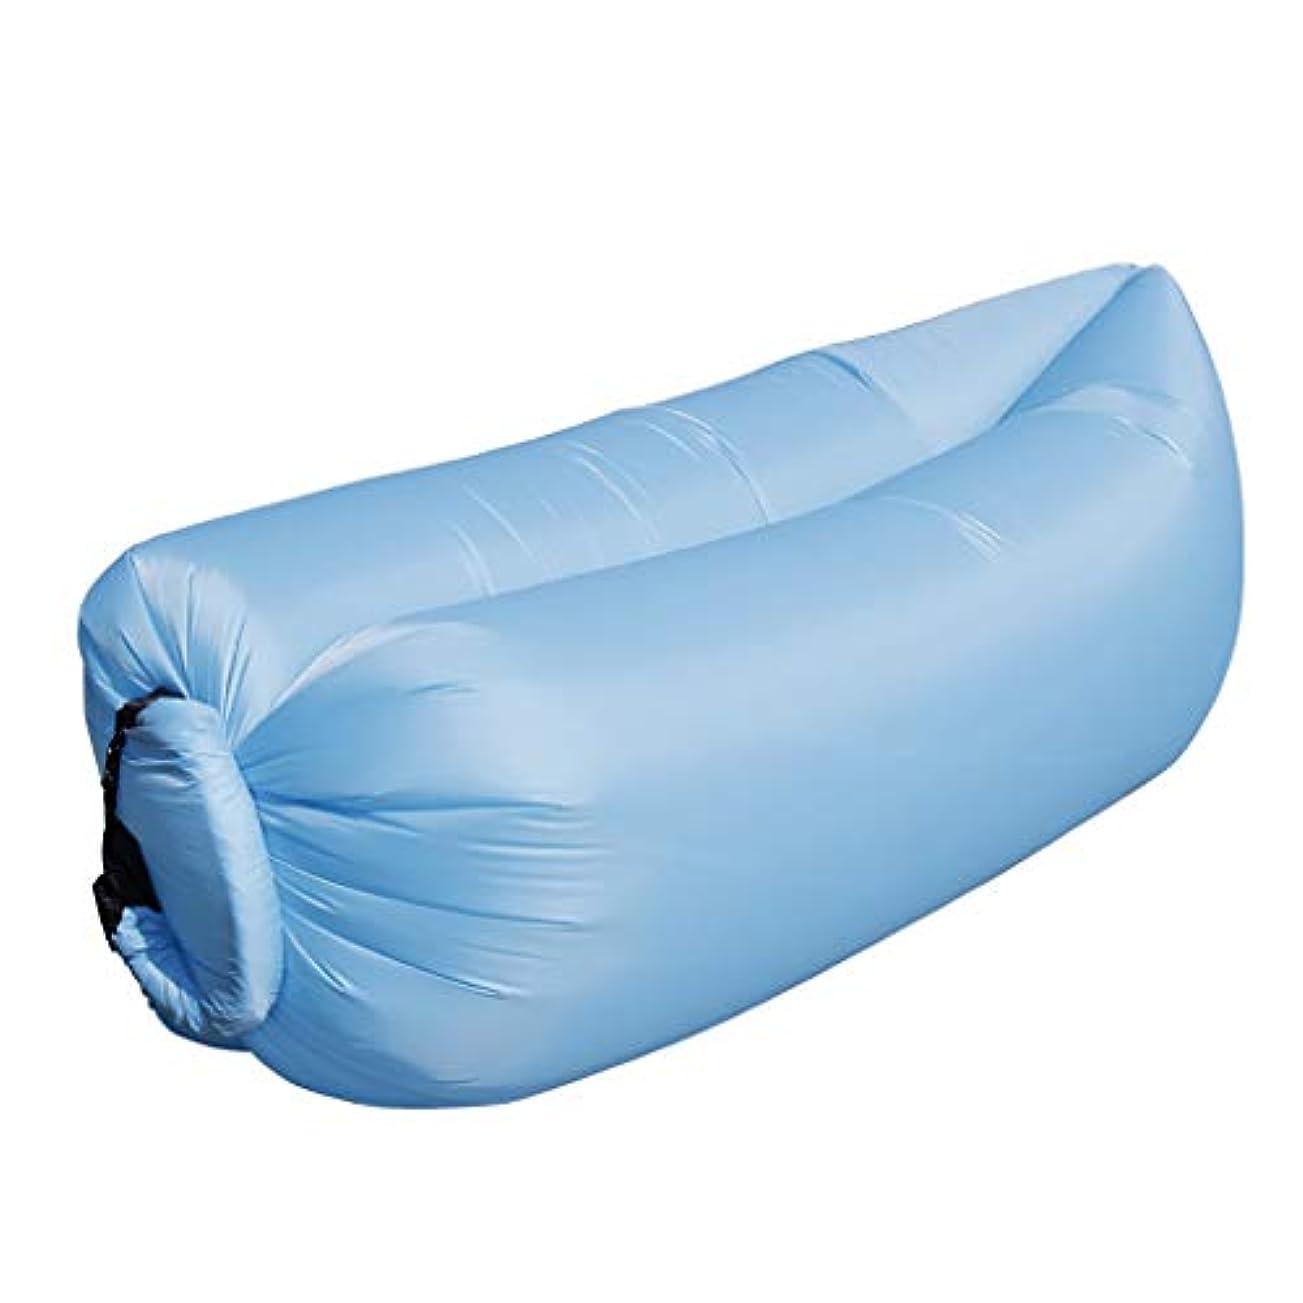 メッセンジャー記録明日インフレータブルソファ - 屋外ポータブル折りたたみ式エアポンプは必要ありませんビーチオフィスパークビーチエア寝袋5色 (色 : A)